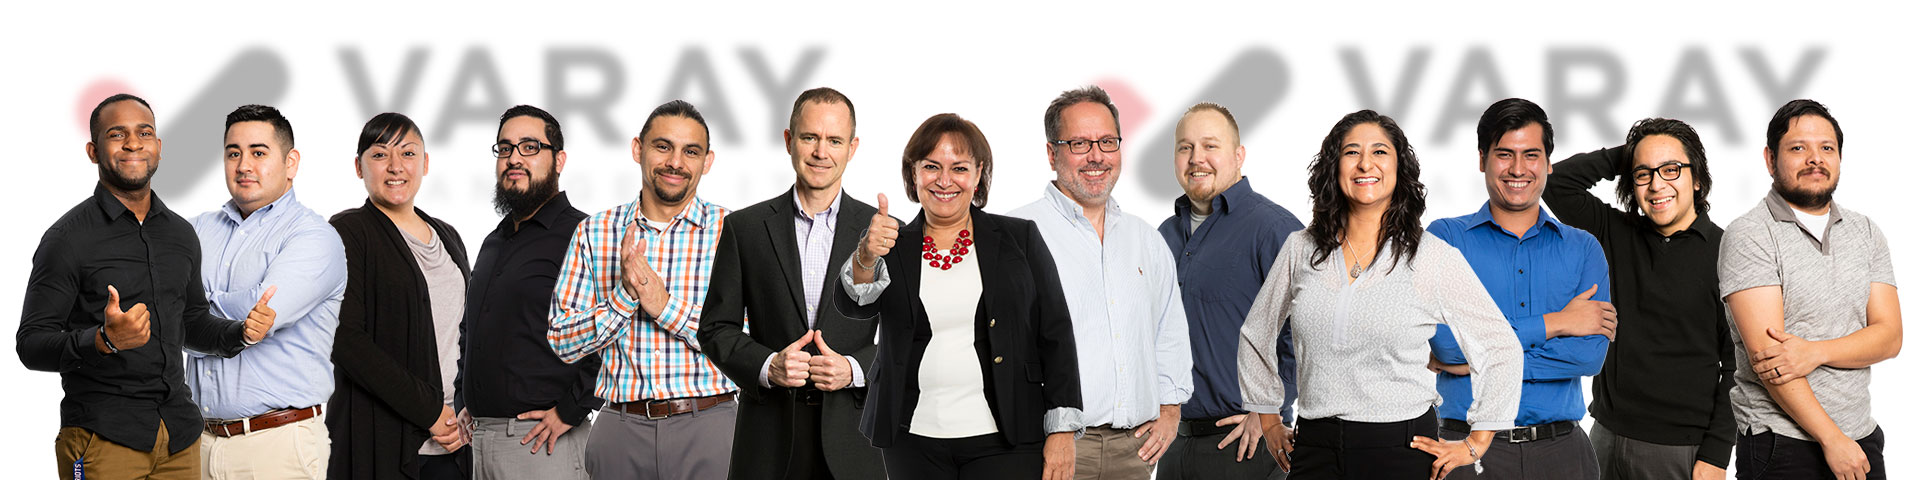 Varay Team Photo